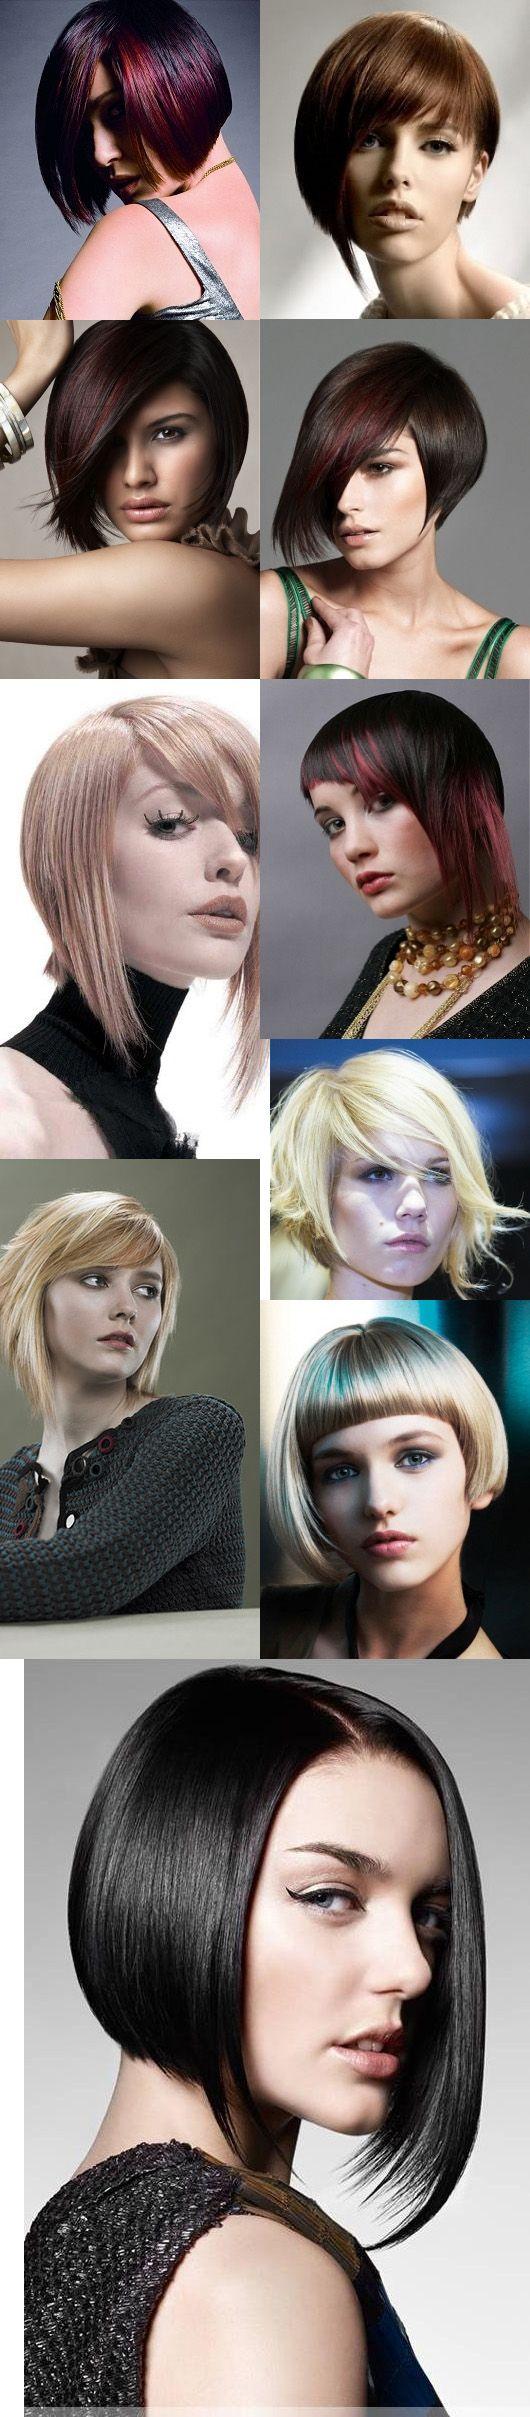 Deslumbrantes penteados bob assimétricas para rostos longos e ovais